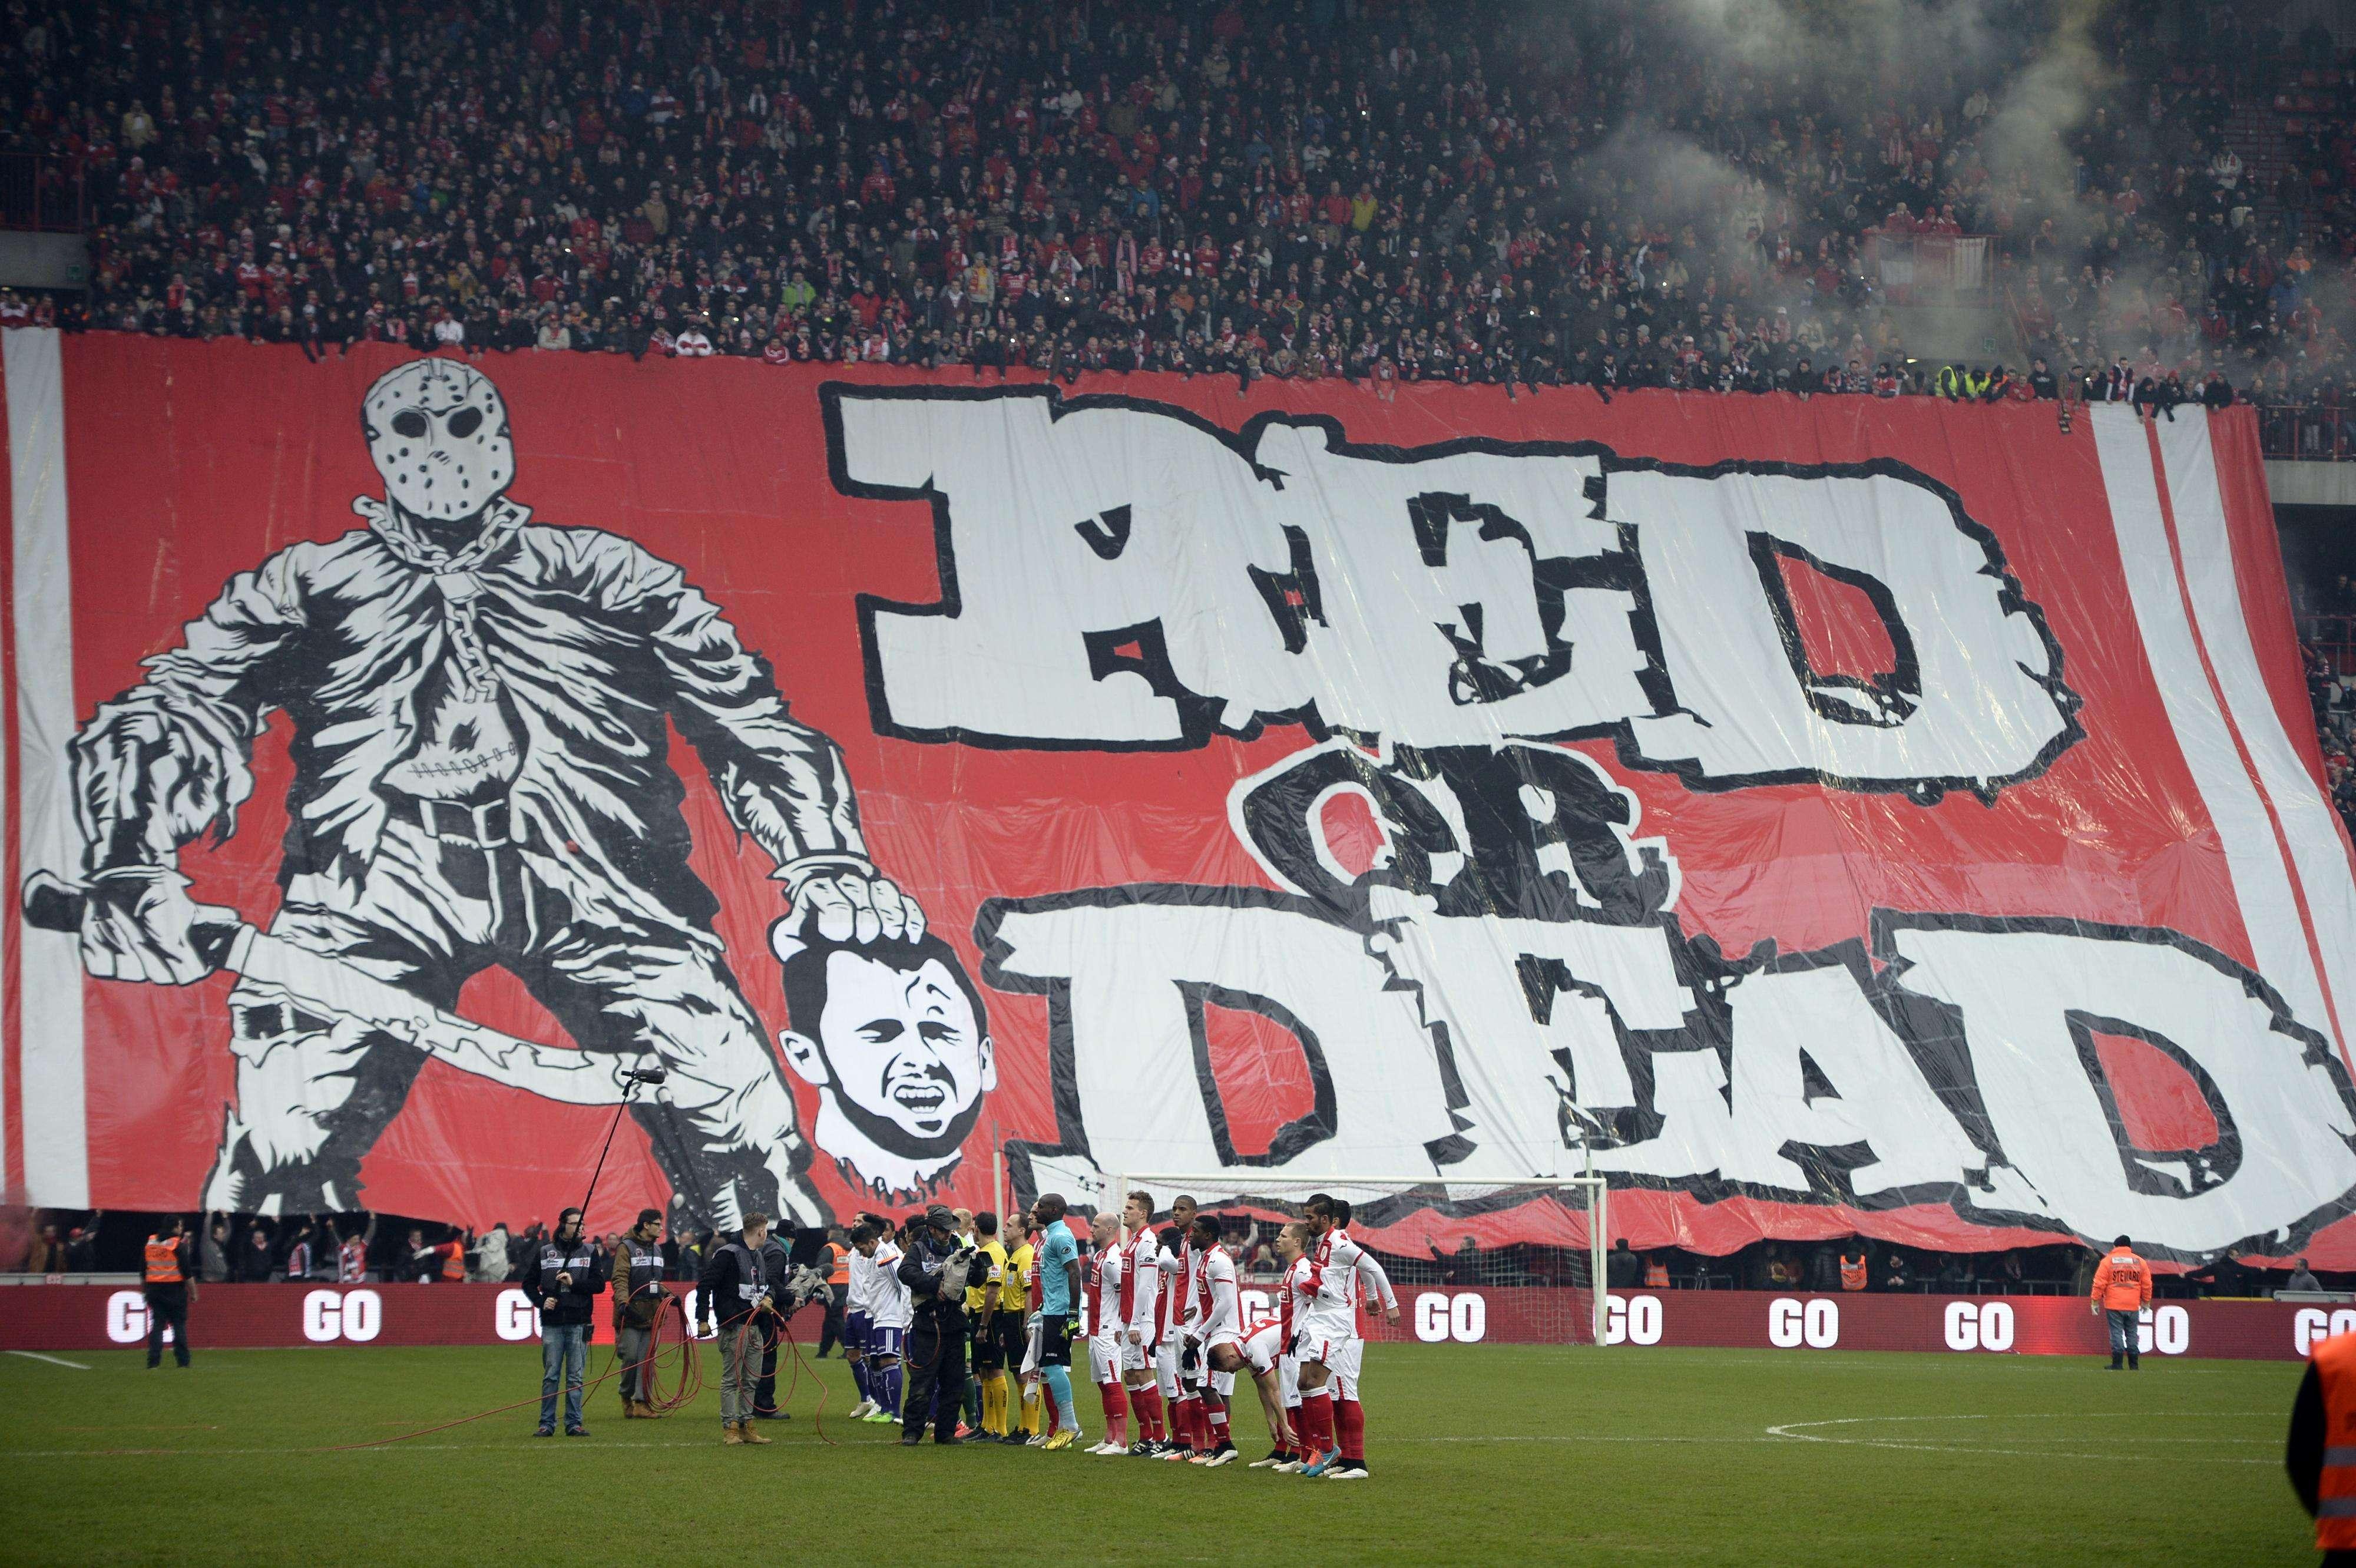 Faixa com jogador decapitada provoca grande polêmica na Bélgica Foto: Yorick Jansens/AFP